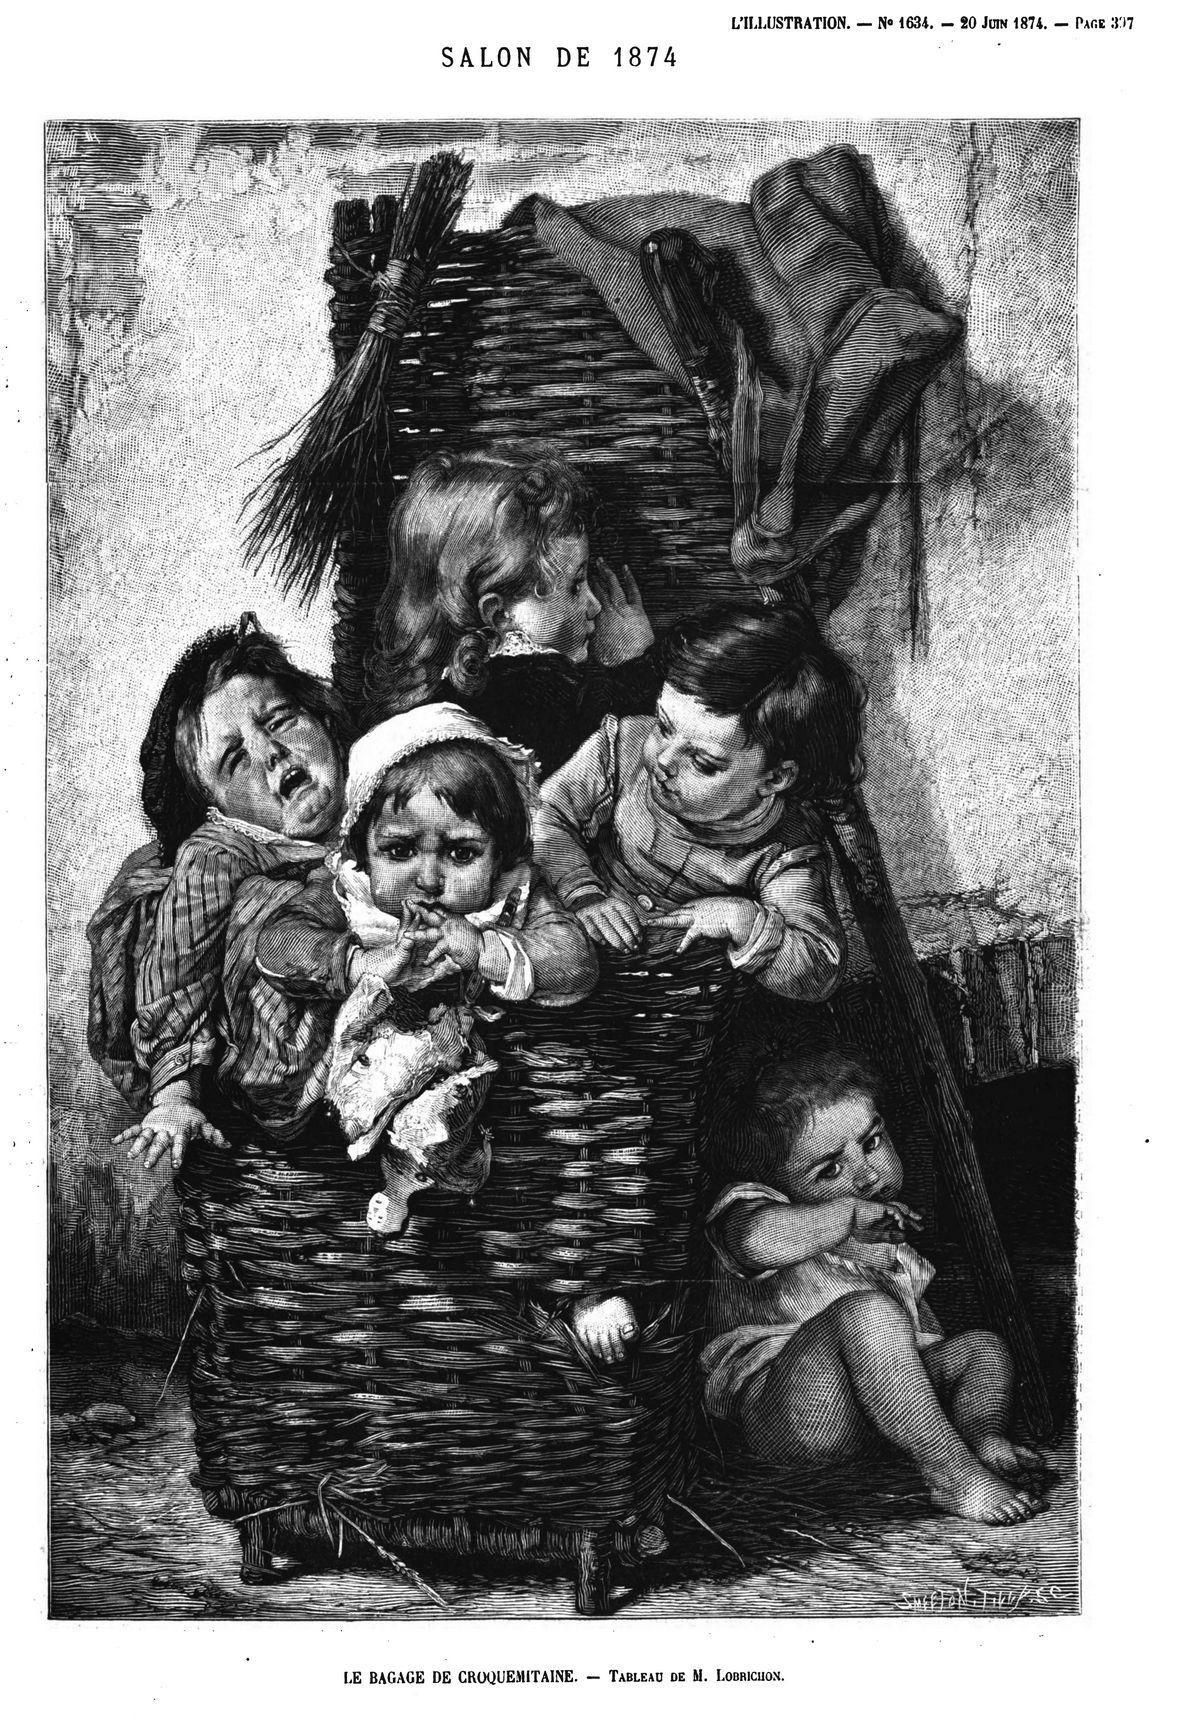 Salon de 1871 : Le bagage de Croquemitaine, tableau de M. Lobrichon;